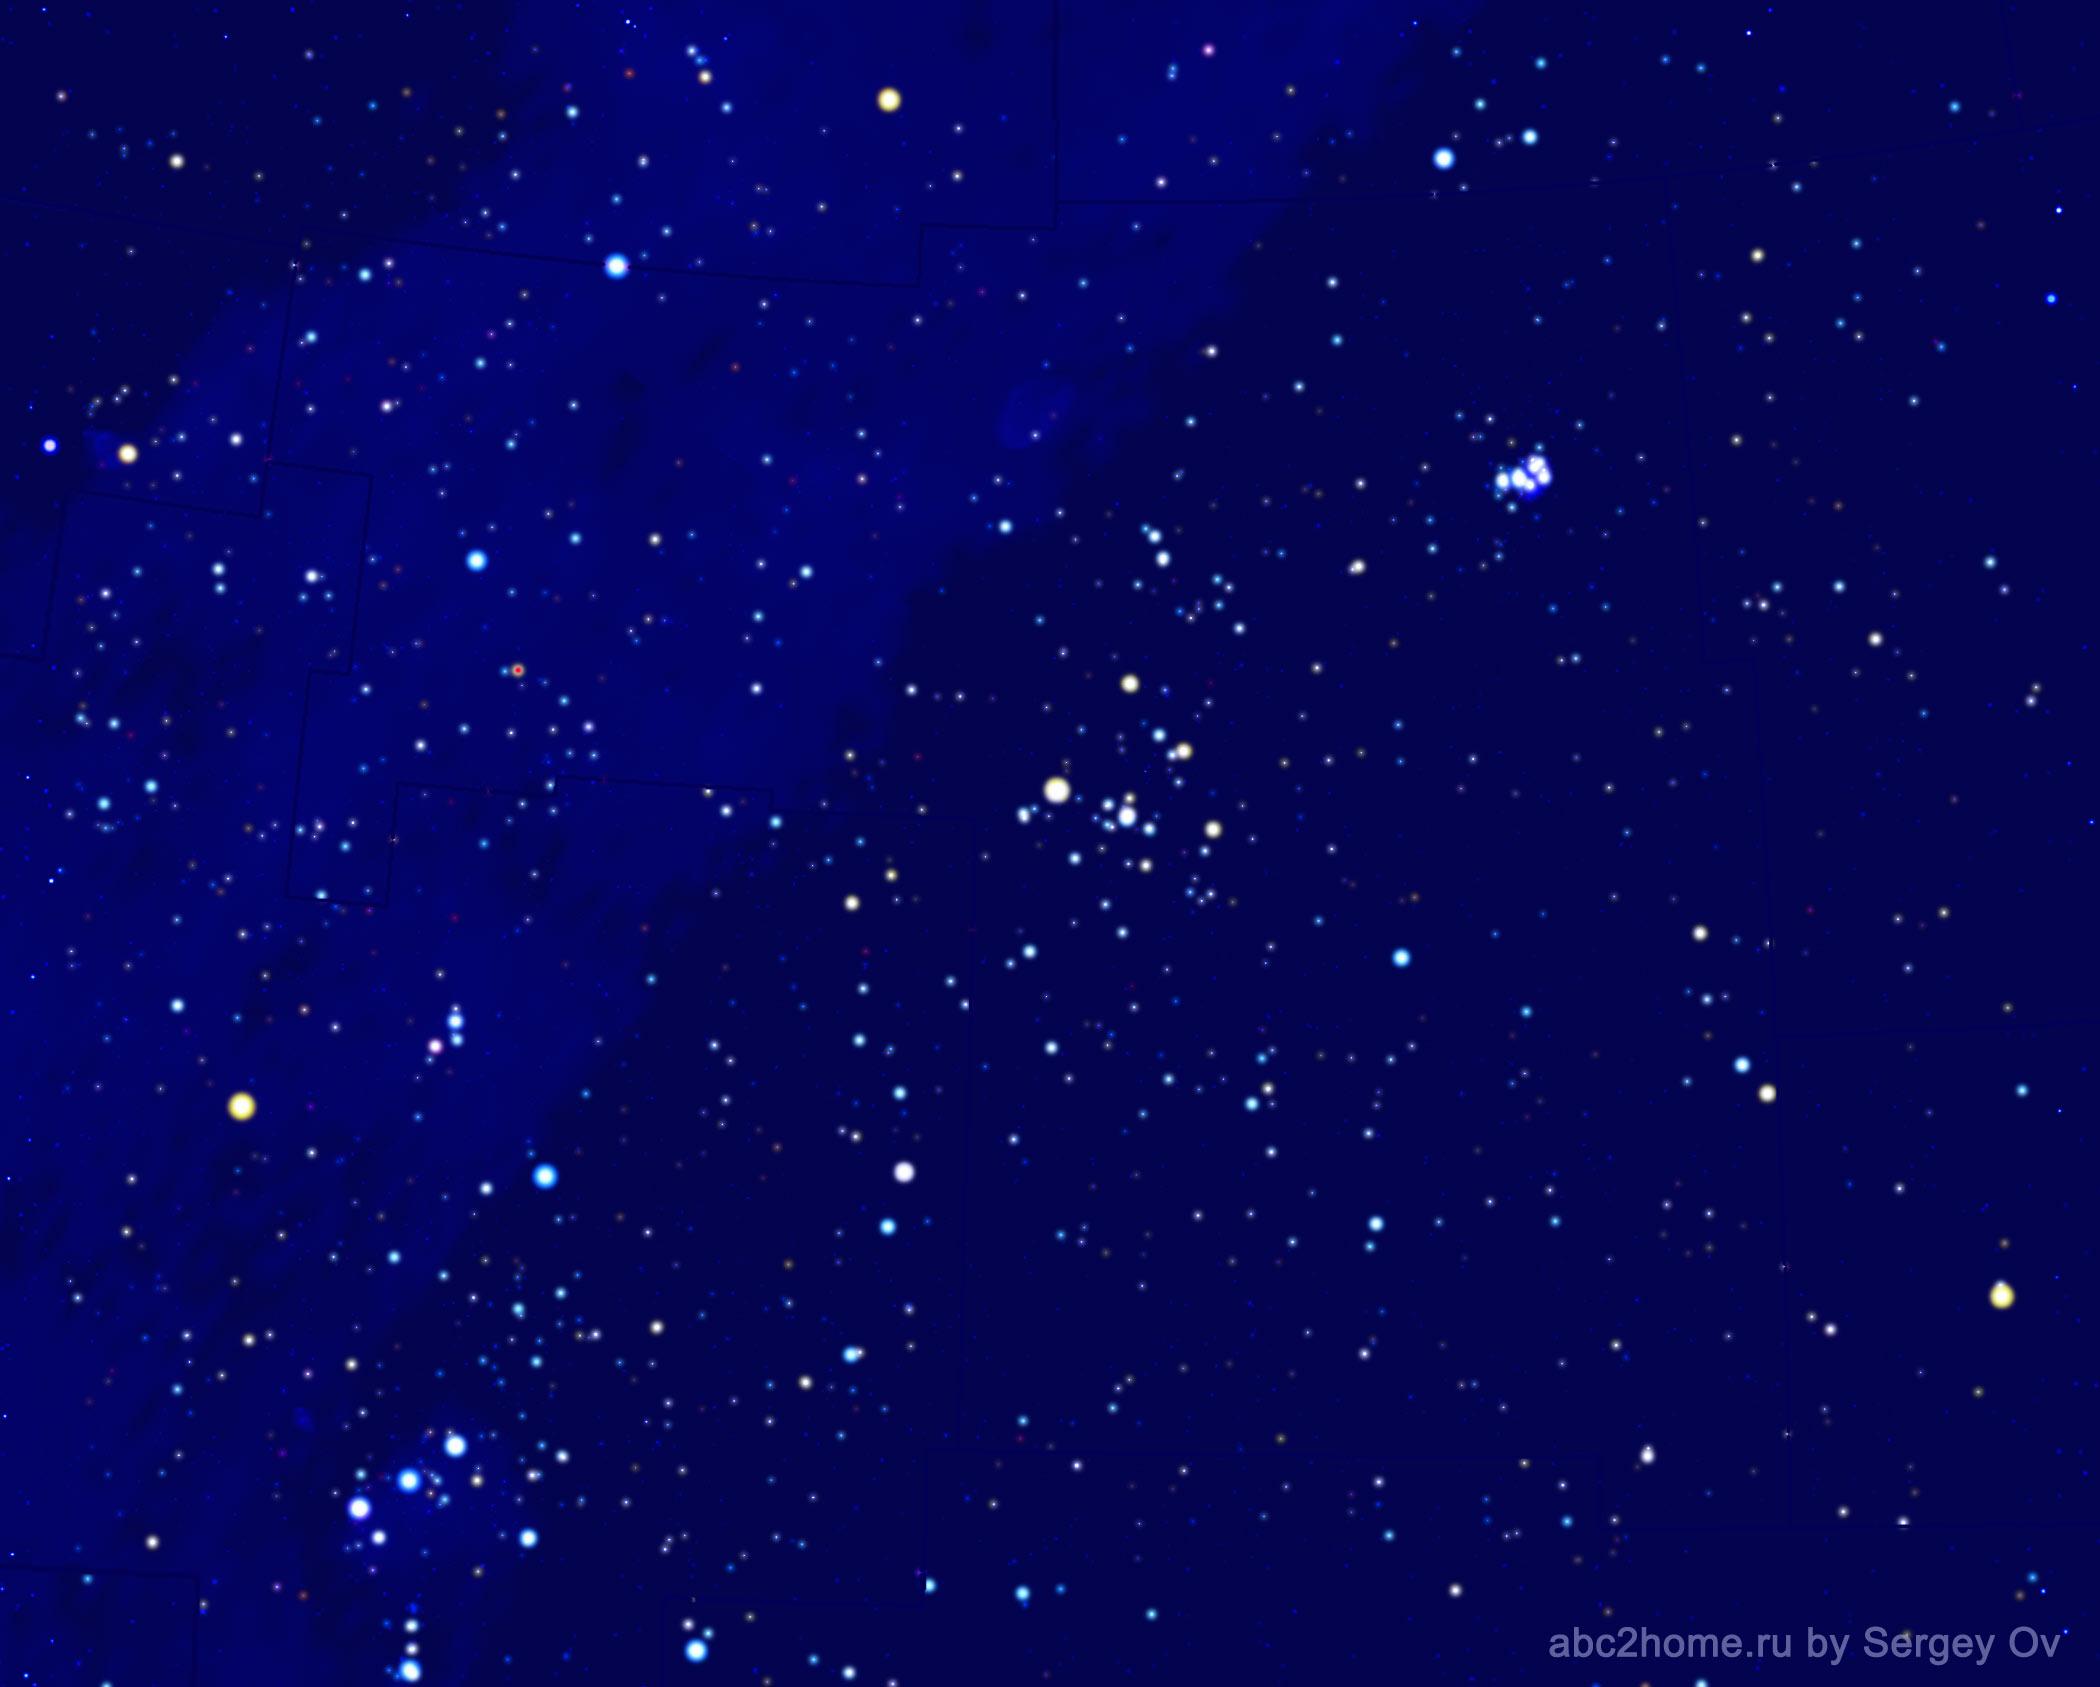 Созвездие Телец, звезды созвездия Тельца